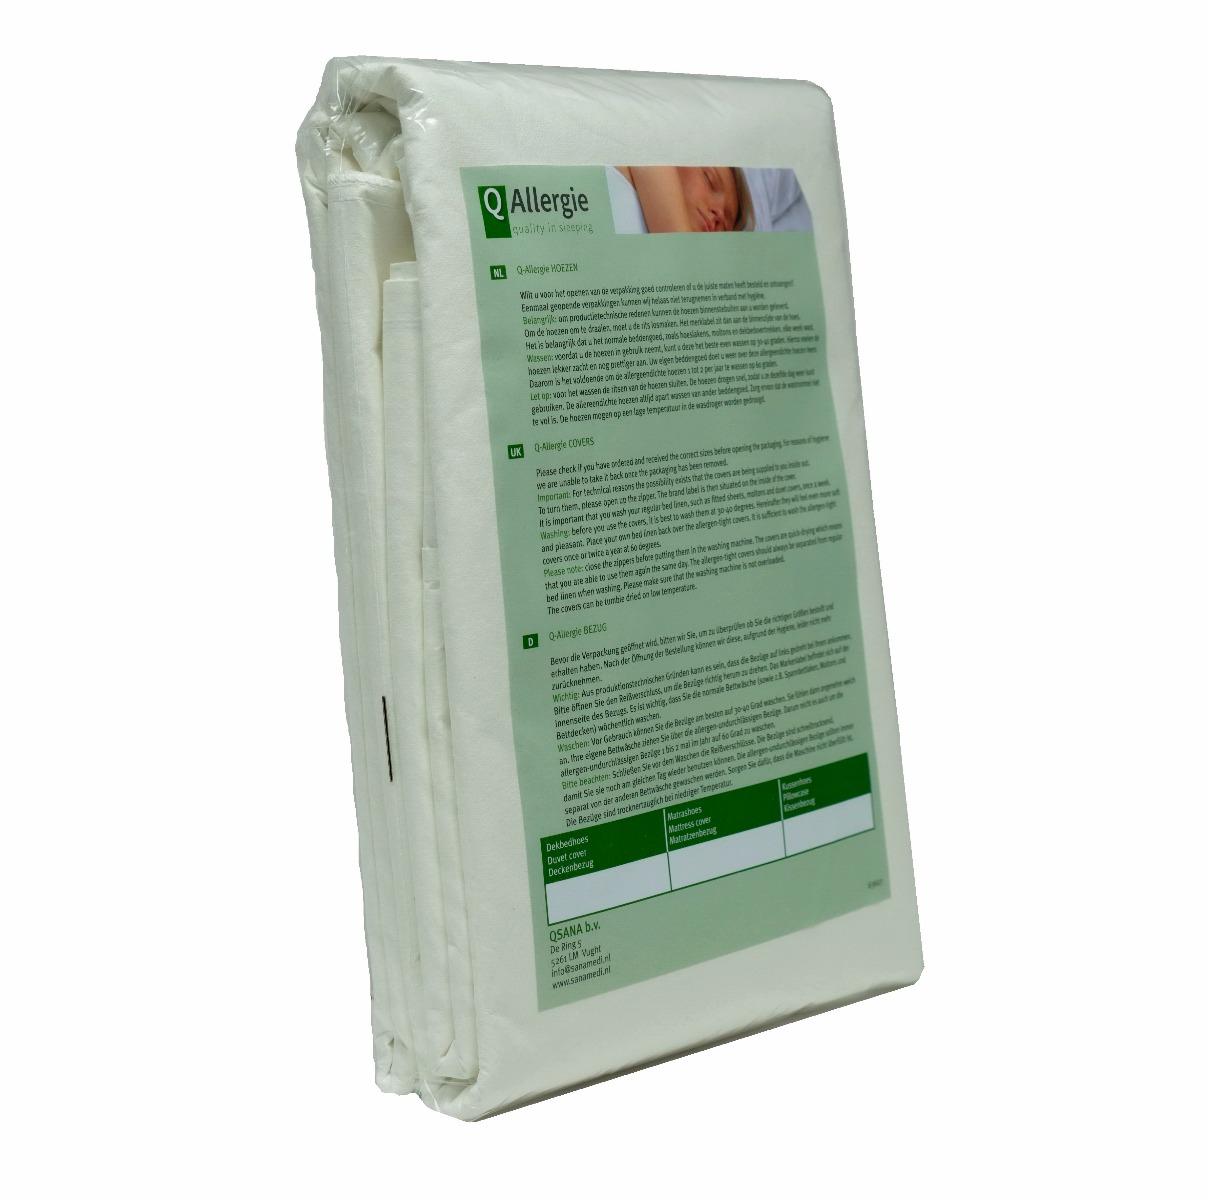 Dekbedhoes Q-Allergie 2-Persoons 240 x 200 cm   Anti allergie dekbedhoes